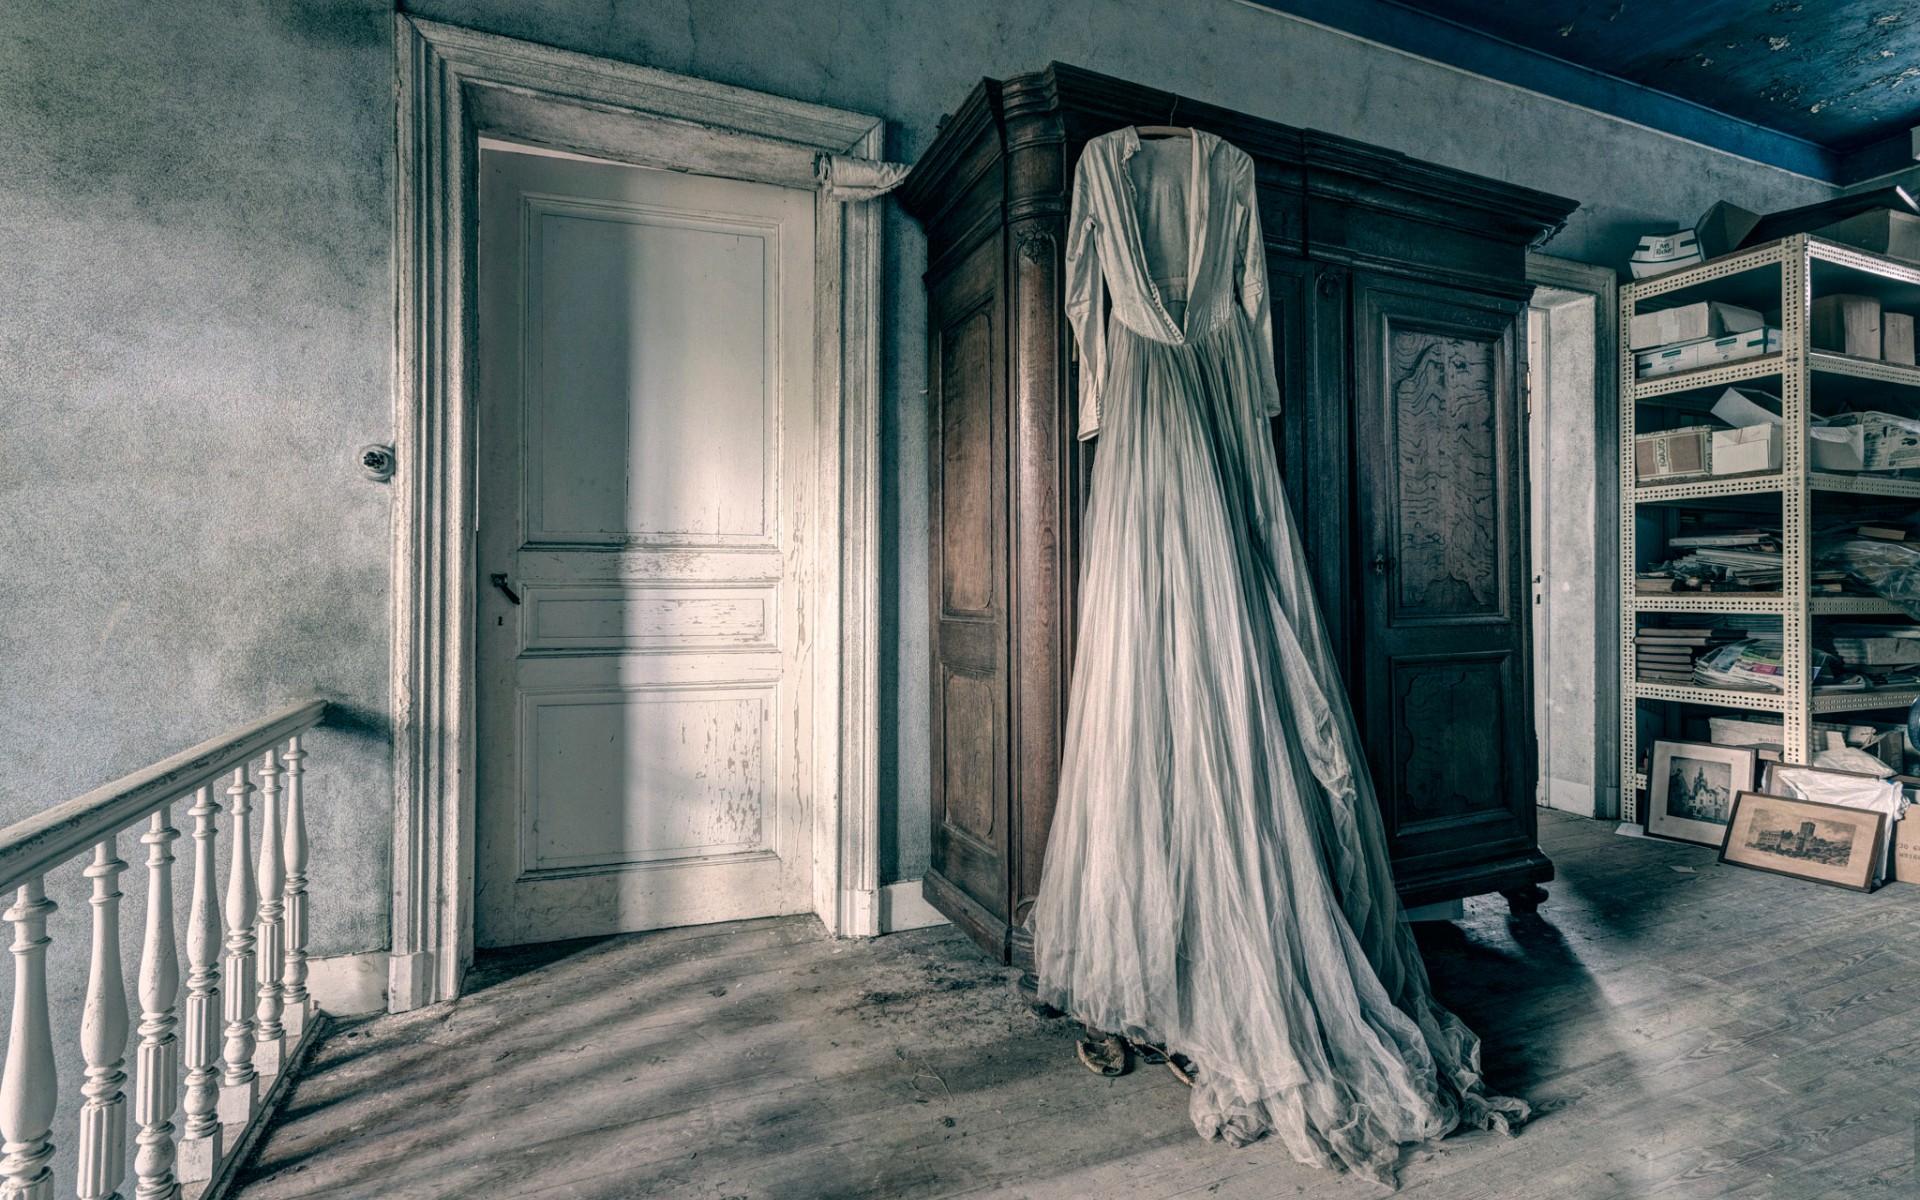 Innenarchitektur Halle hintergrundbilder fenster die architektur zimmer innere mauer